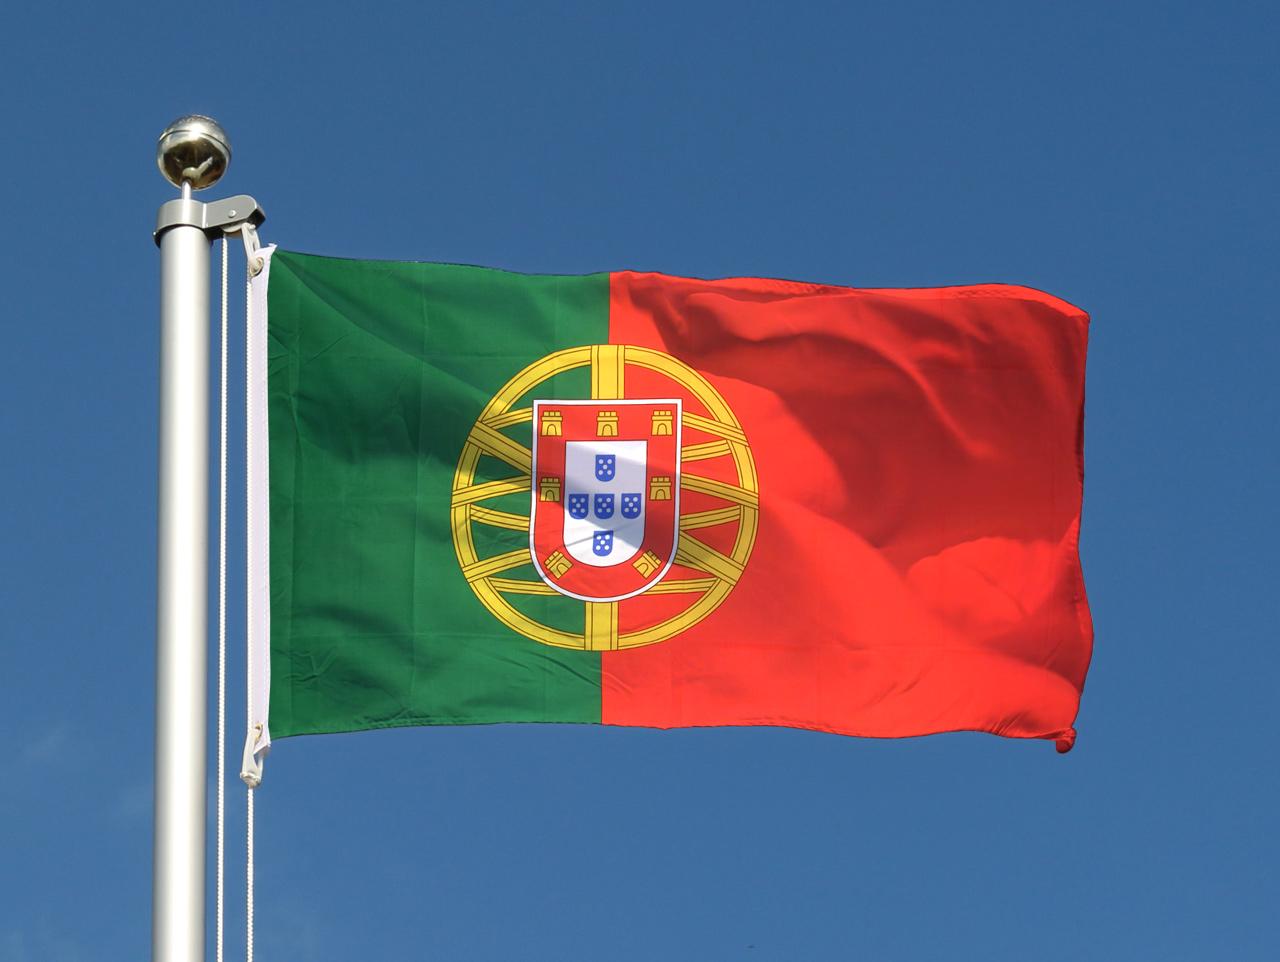 Acheter drapeau portugal pas cher 60 x 90 cm monsieur for Drapeau publicitaire exterieur pas cher